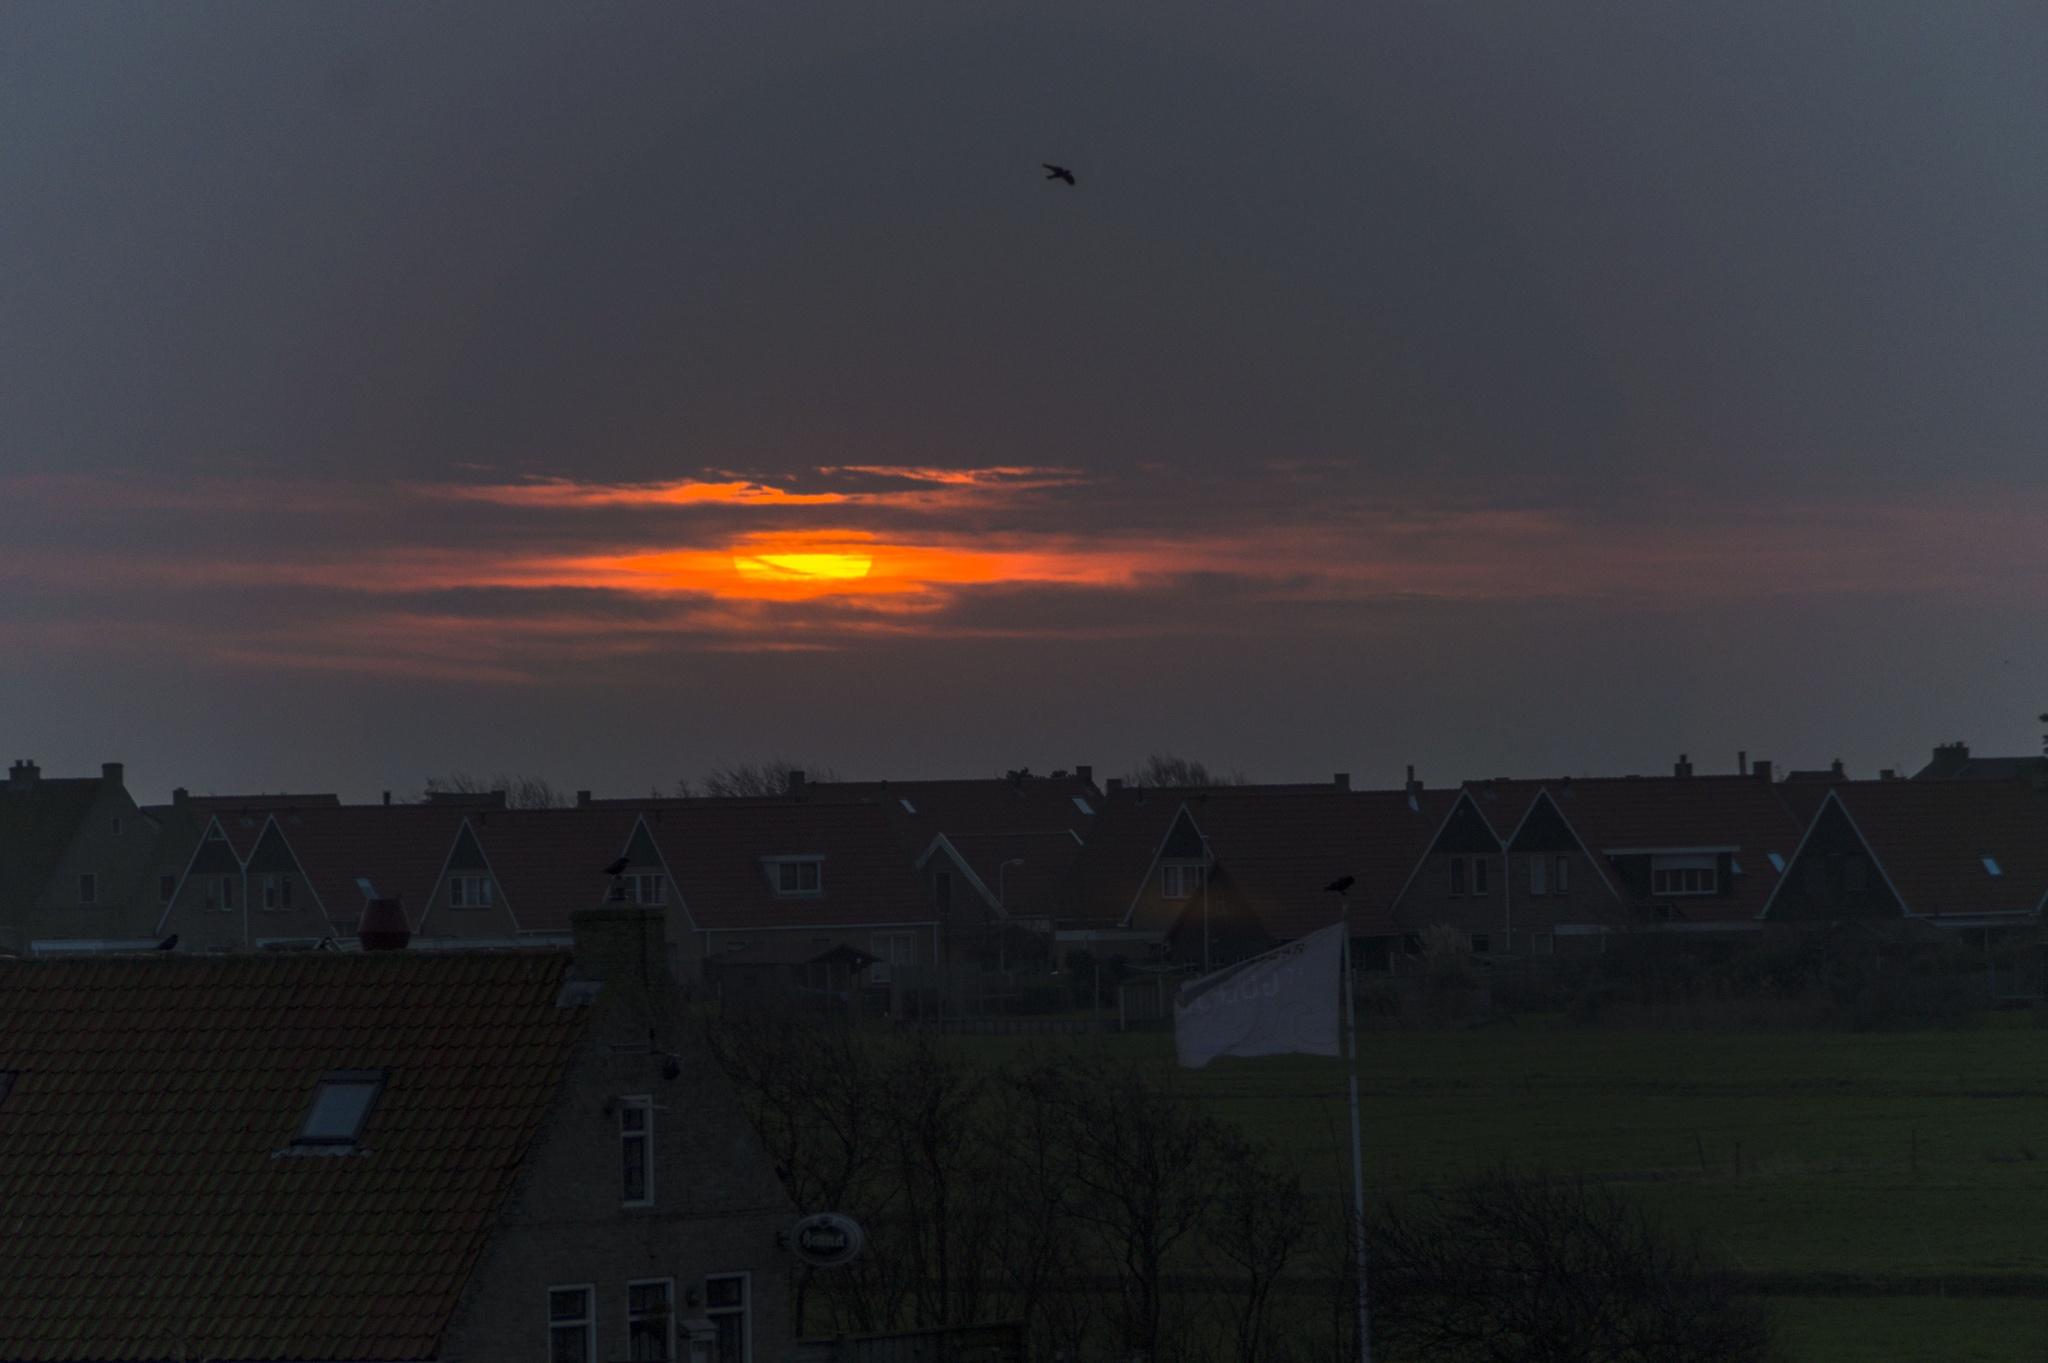 Sunrise at Midsland , Terschelling  by Roelof de Haan